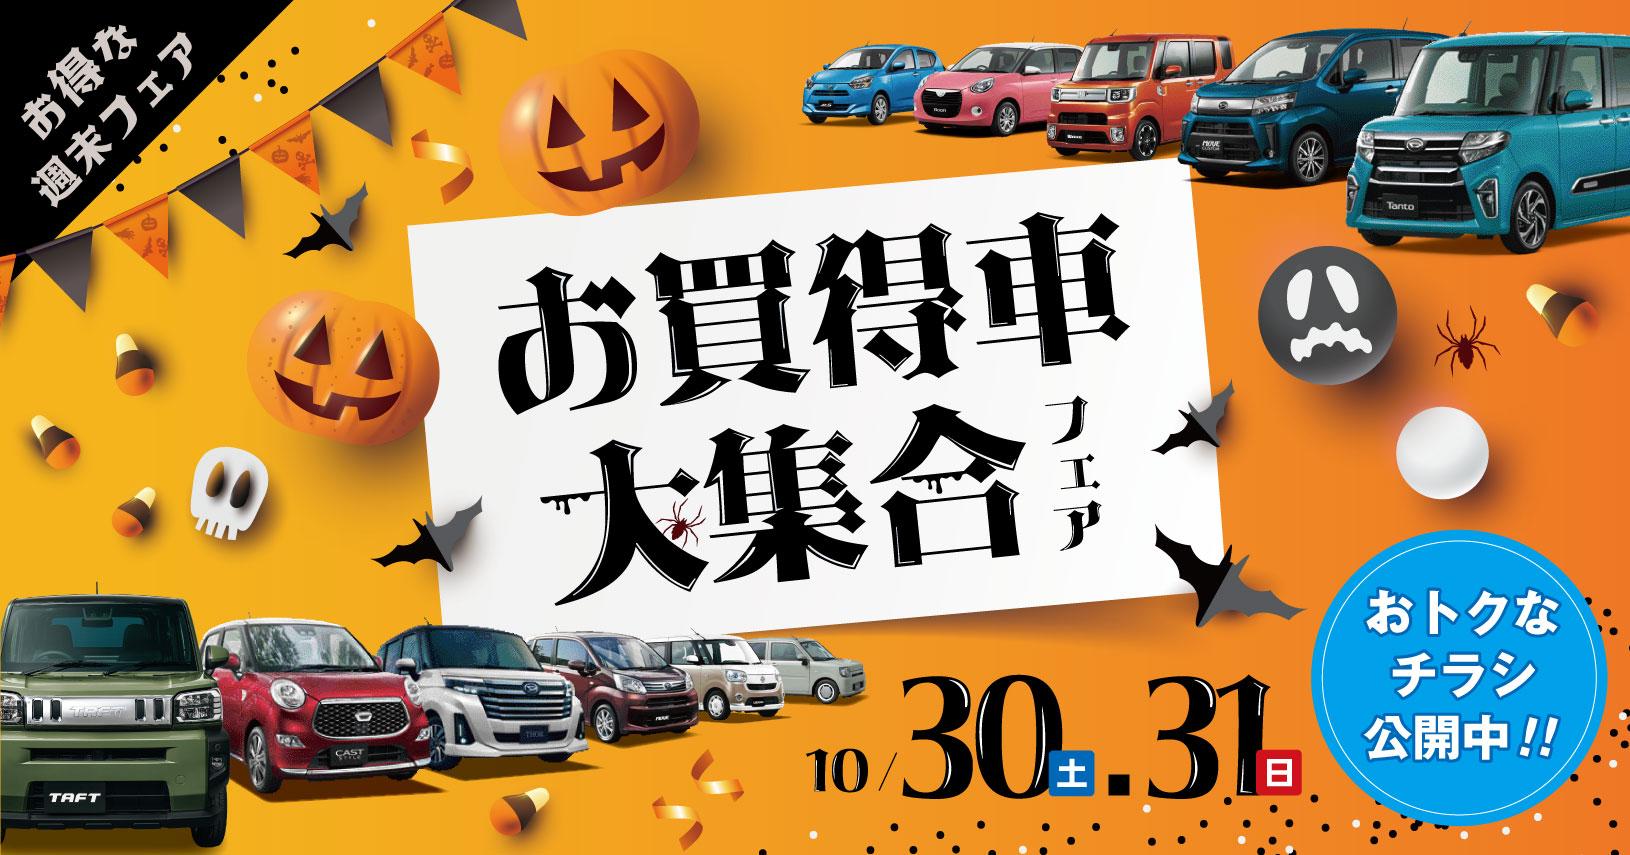 今週末30-31日は10月最後のお買得車大集合フェア